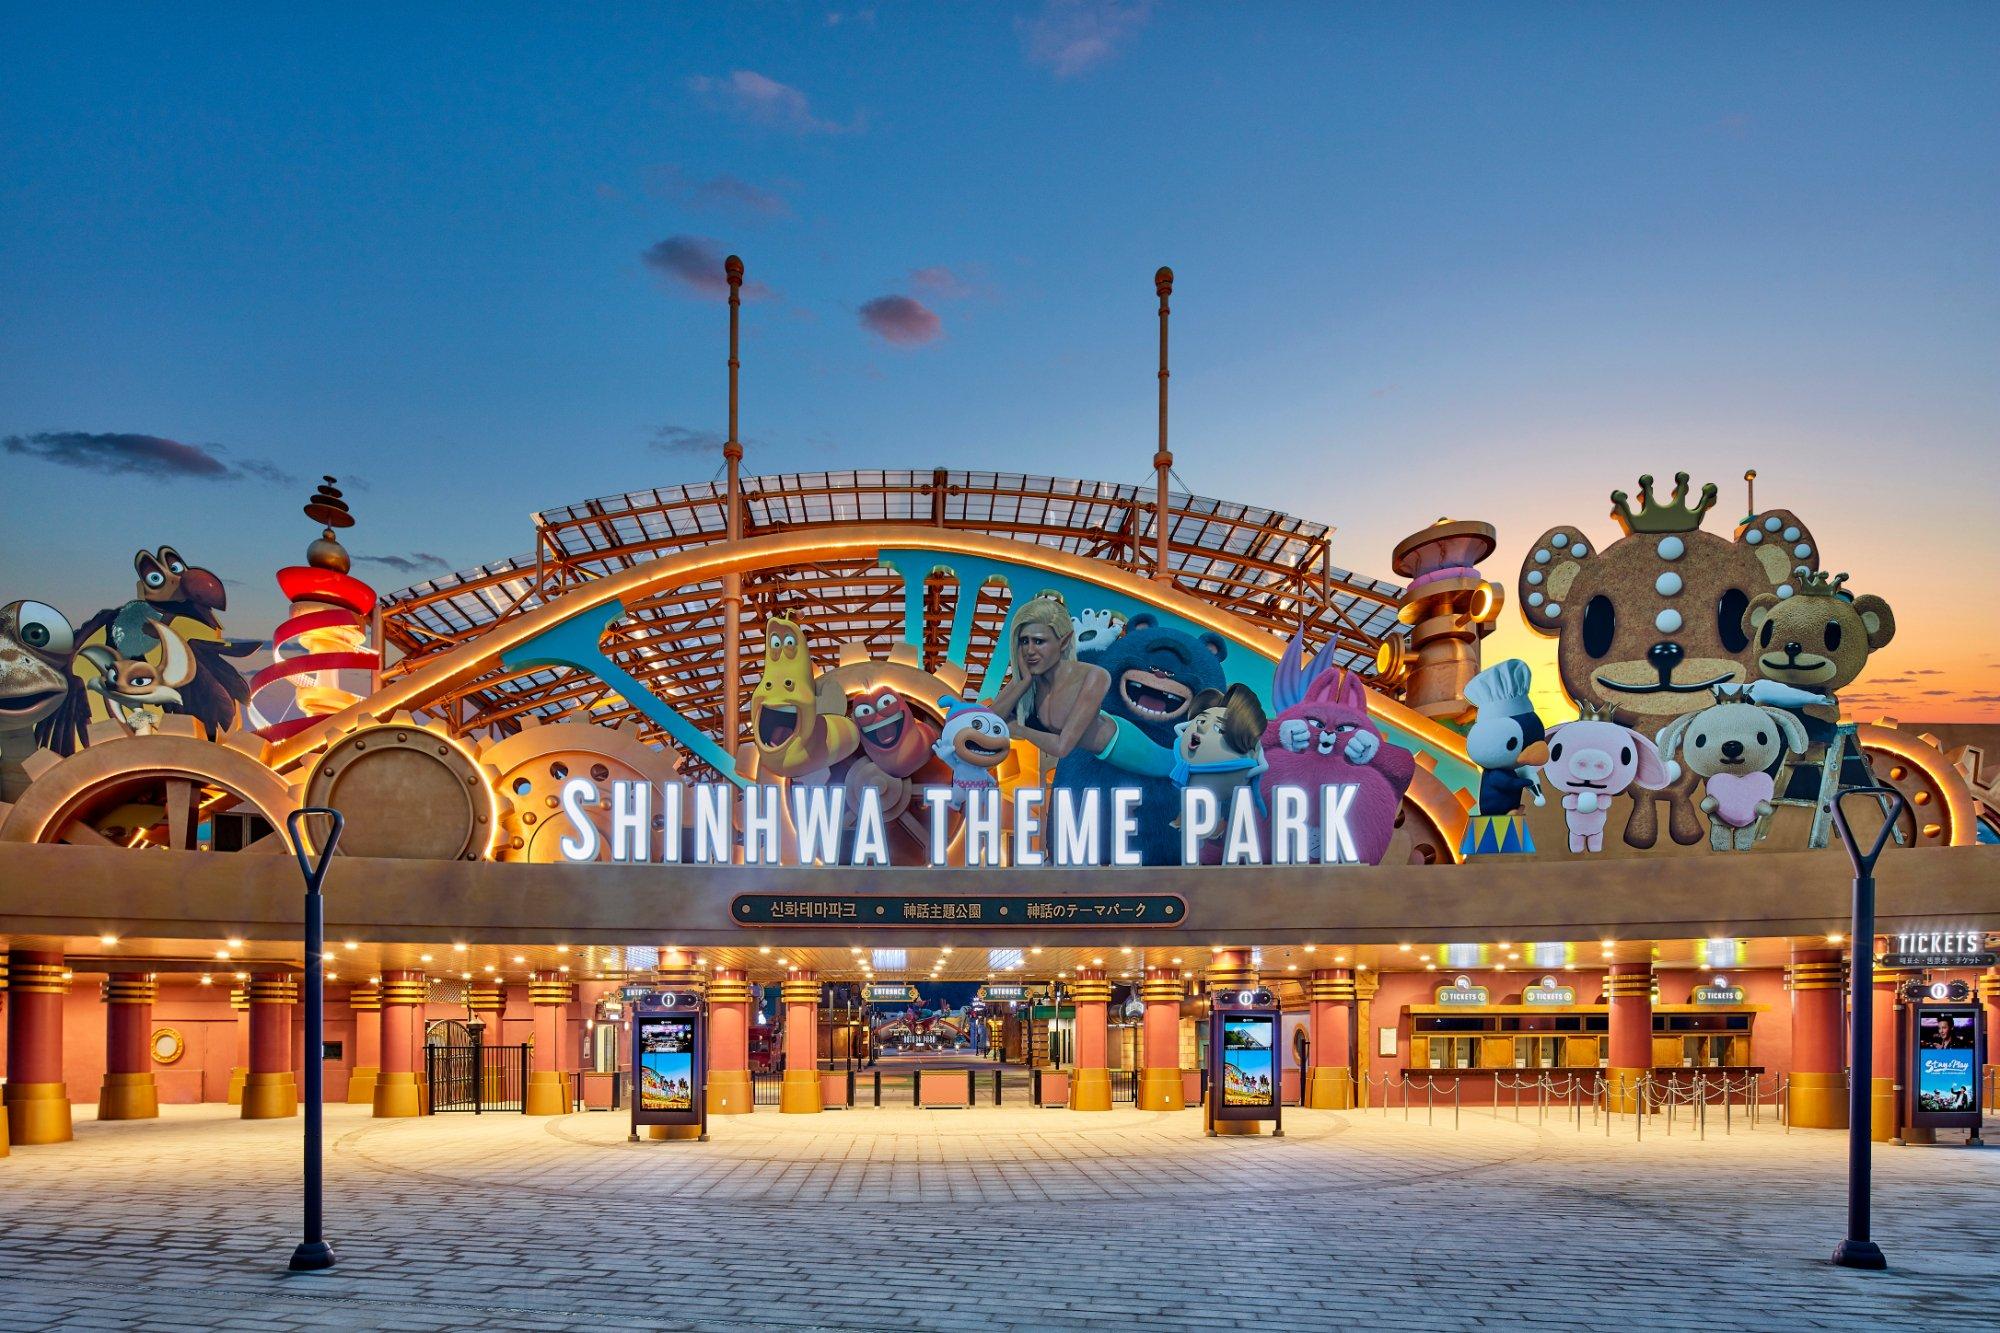 shinhwa-theme-park.jpg